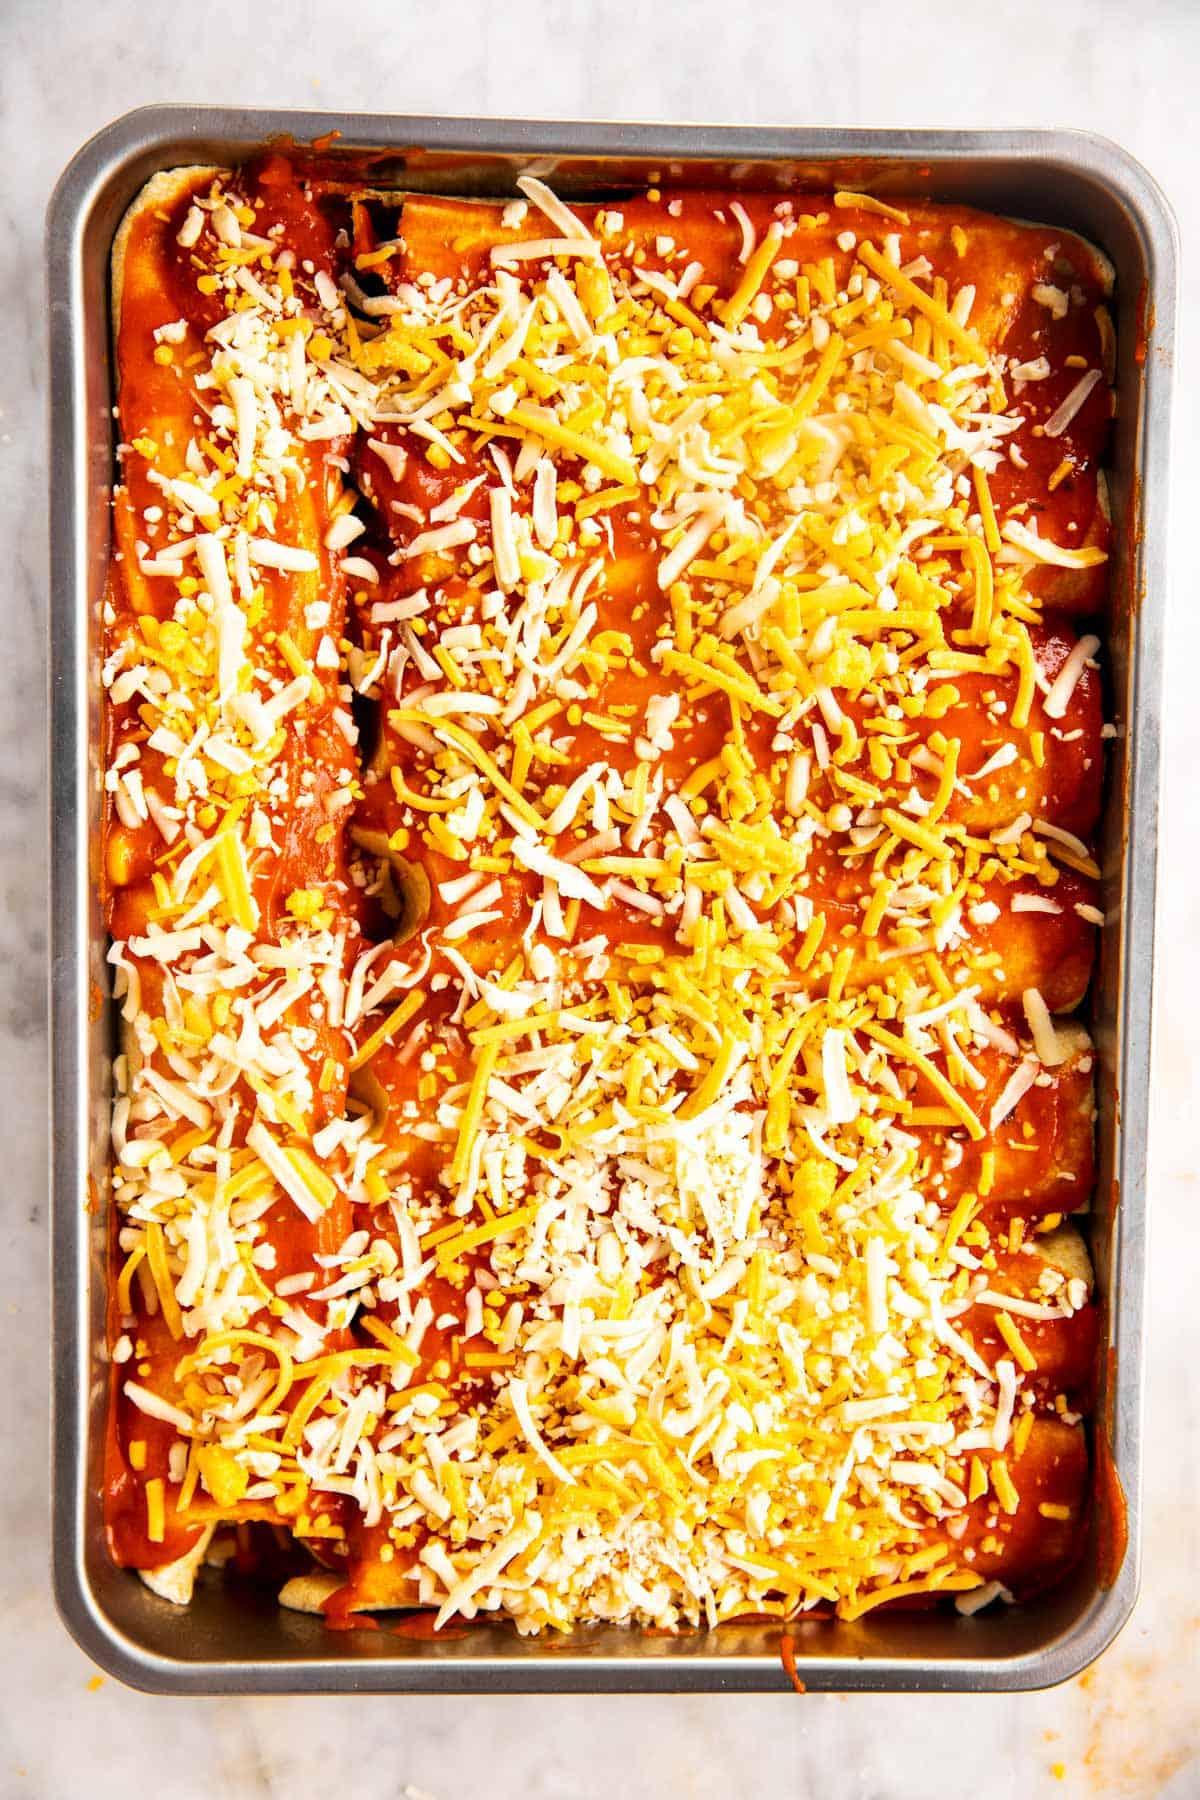 unbaked chicken enchiladas in casserole dish